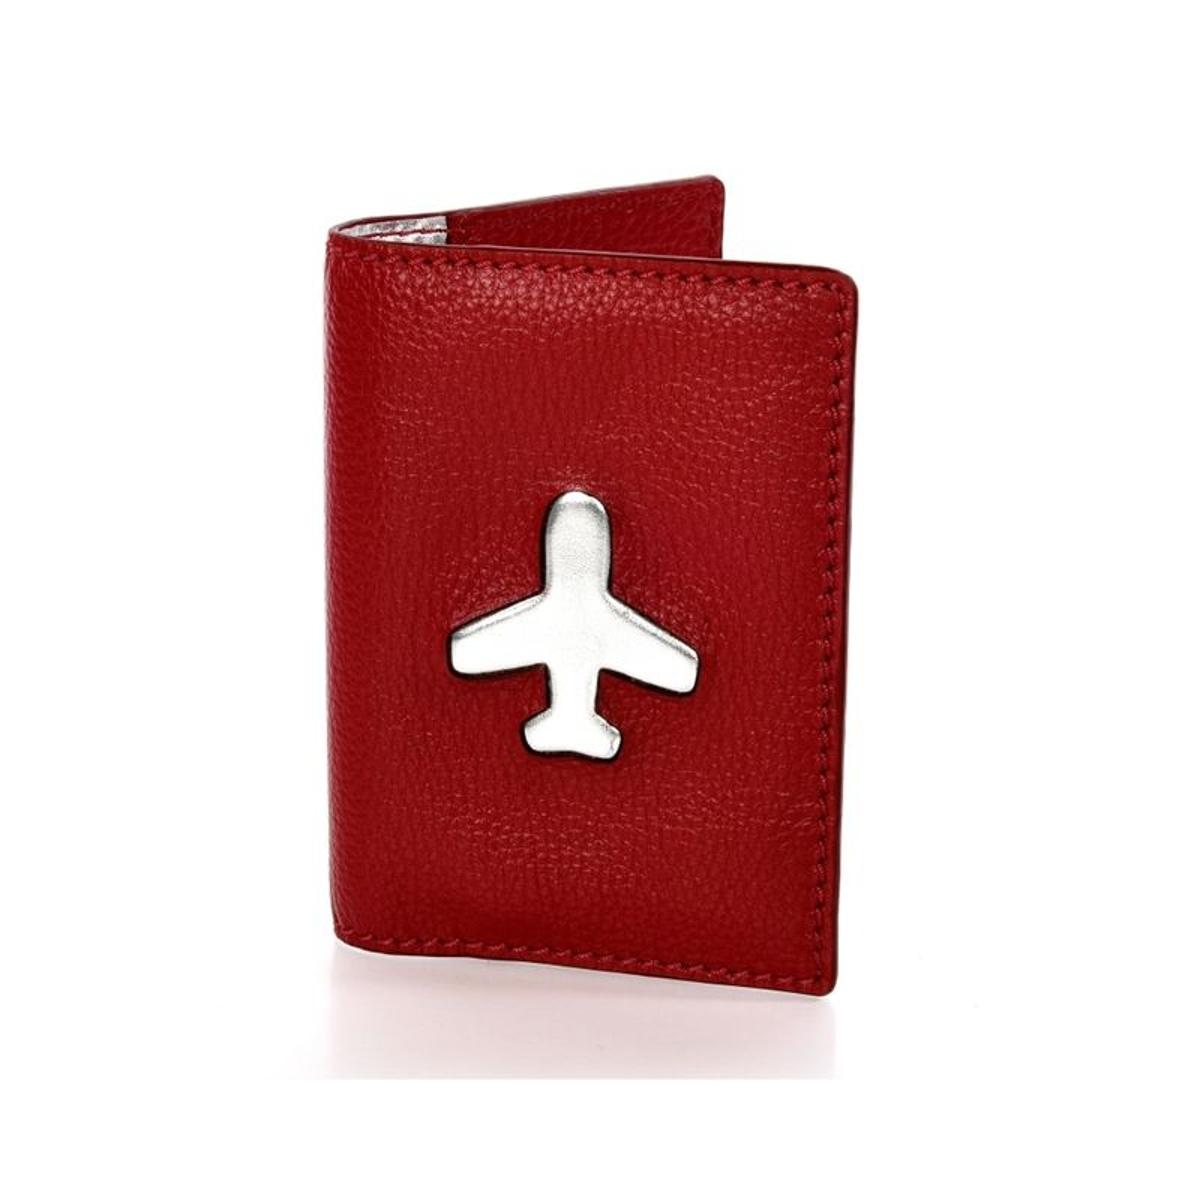 Étui passeport en cuir grainé rouge